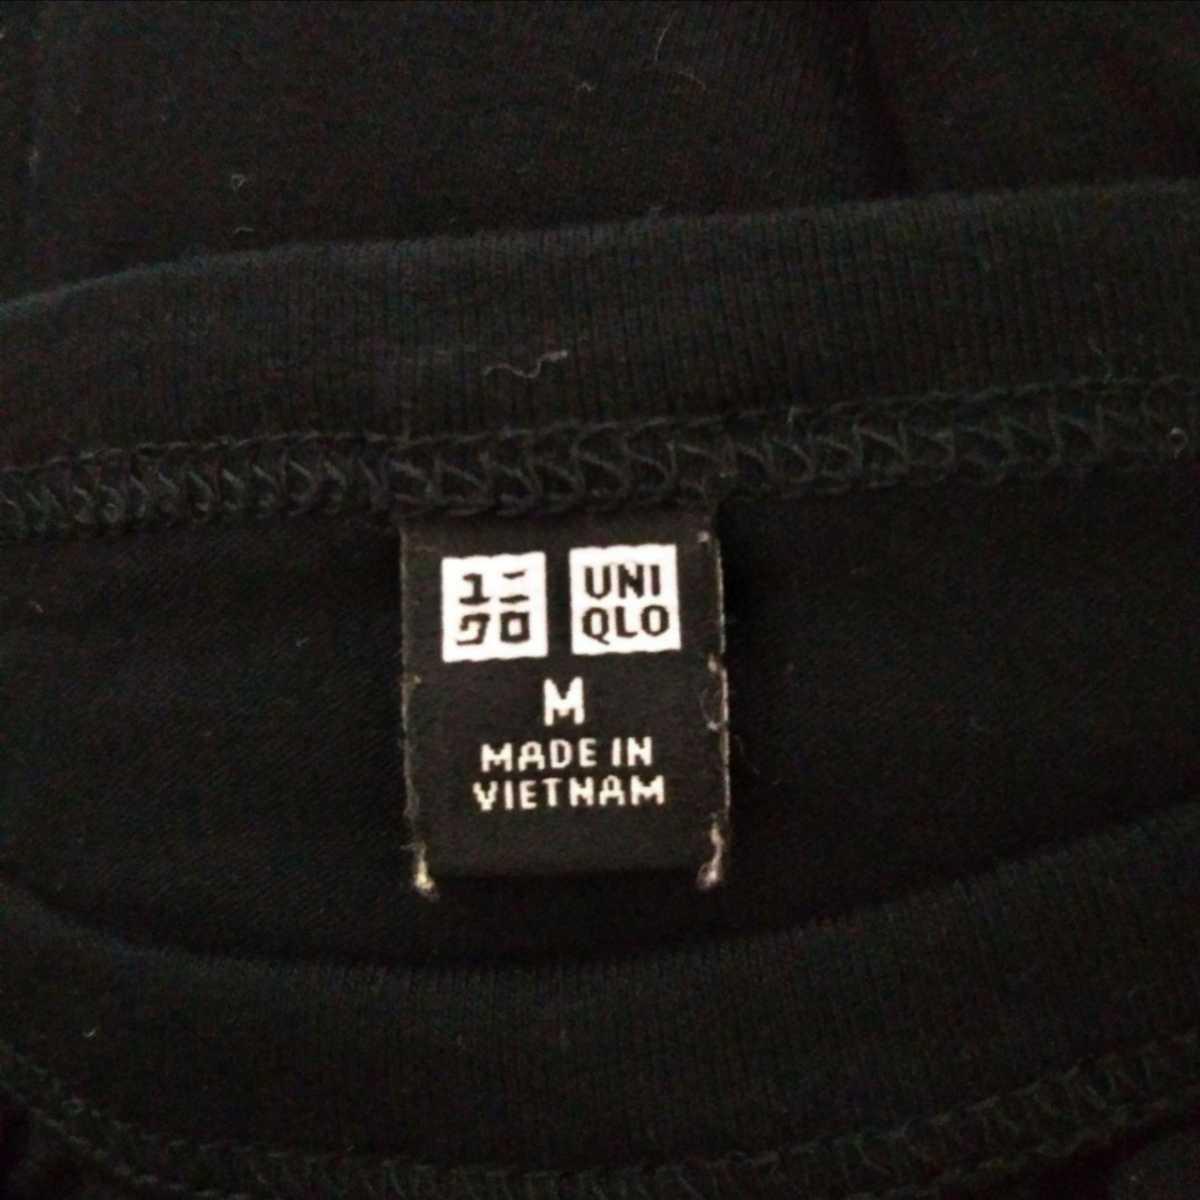 ユニクロ 半袖 ロングカットソー Mサイズ